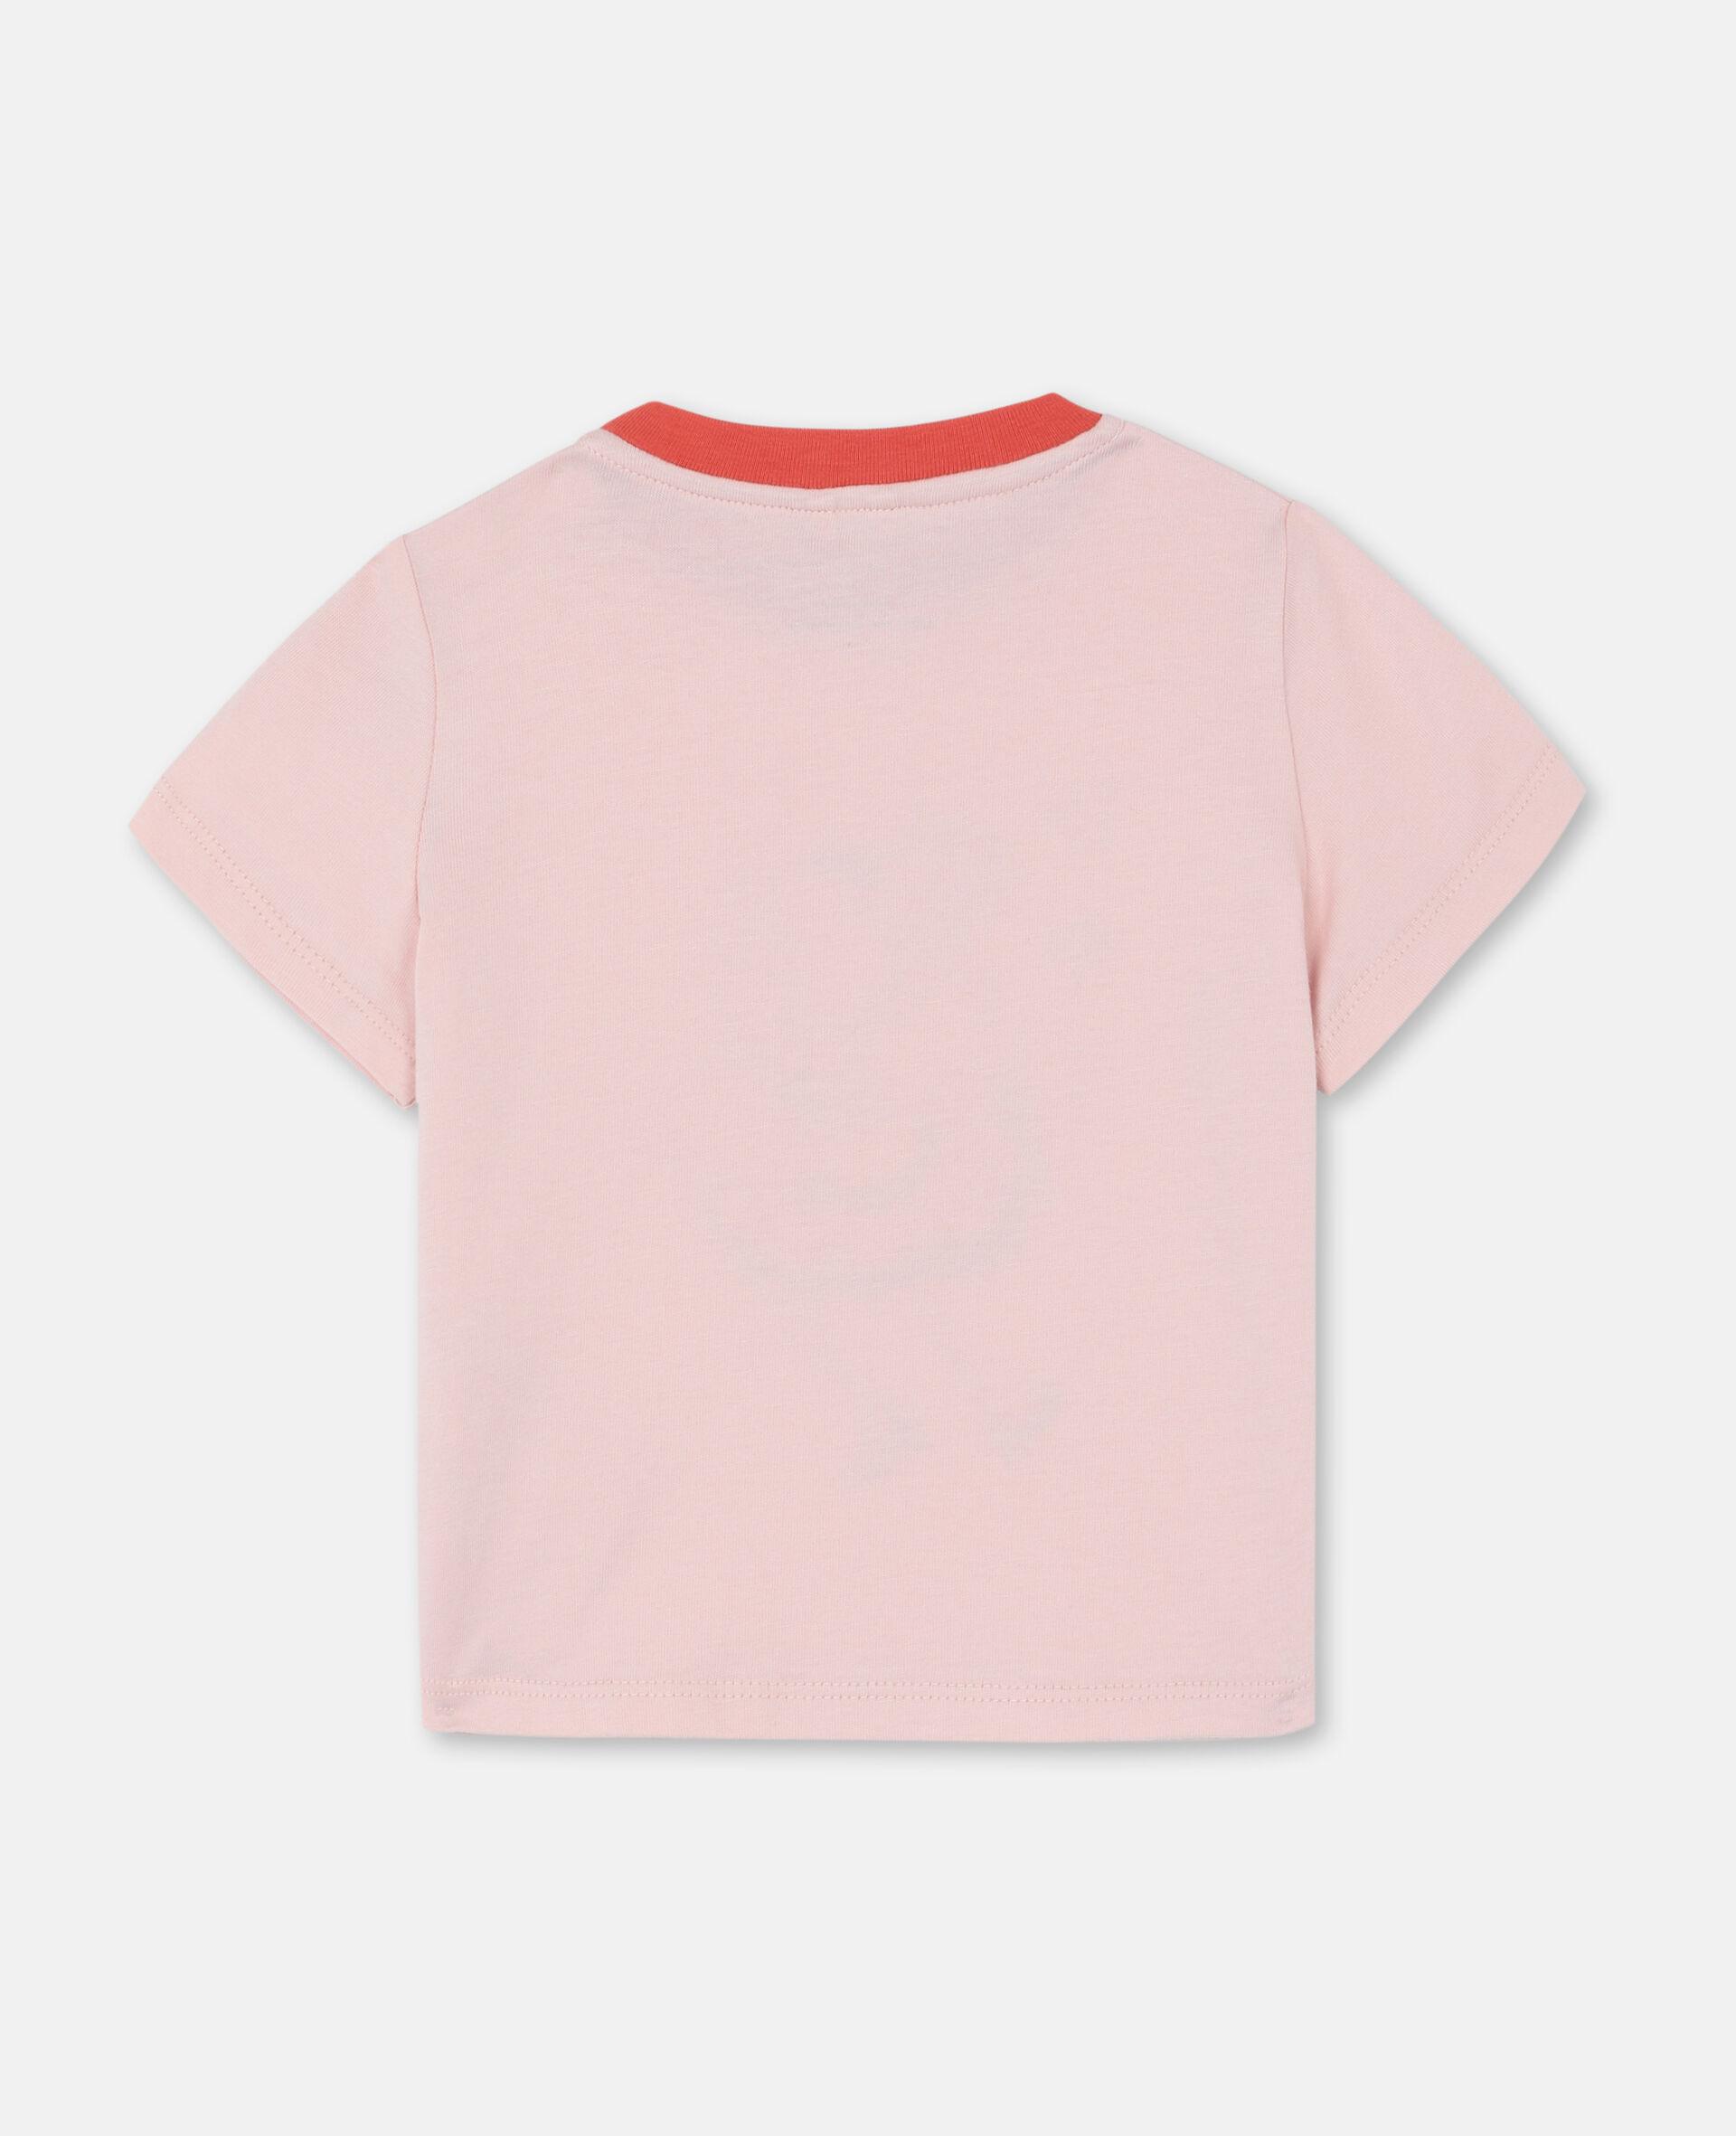 T-shirt en coton à motif flamant rose dansant-Rose-large image number 3